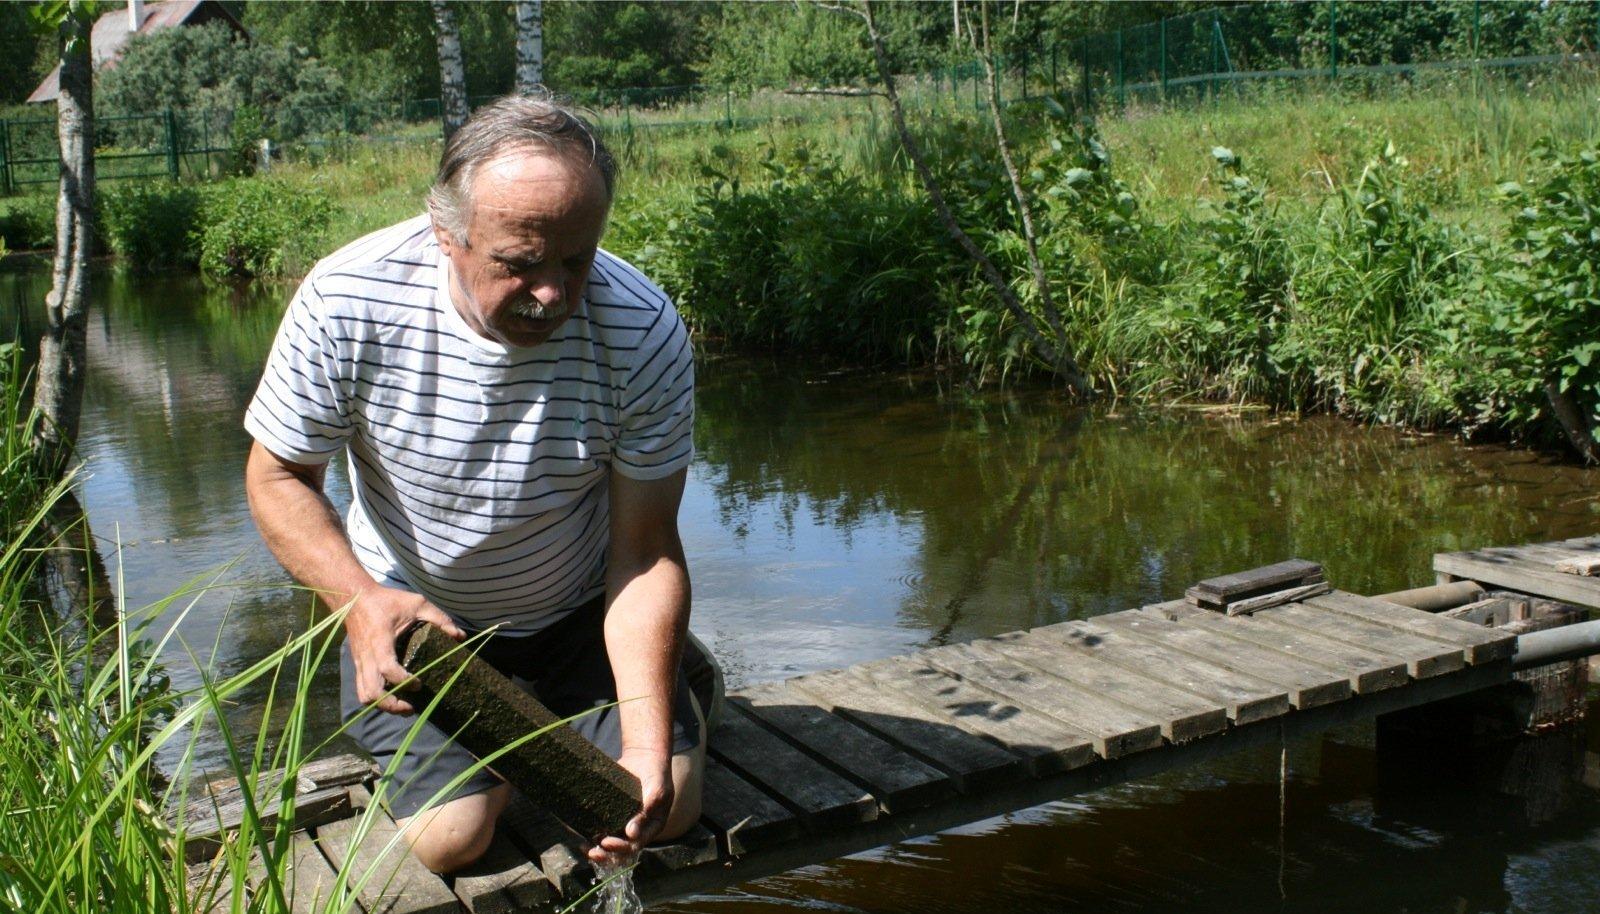 Härjanurme kalakasvanduse peremees, ihtüoloogi haridusega Aarne Liiv ütleb, et keskkonnanõuete latt on juba niivõrd kõrgel, et vaid vähesed kasvandused suudavad sellest üle karata.